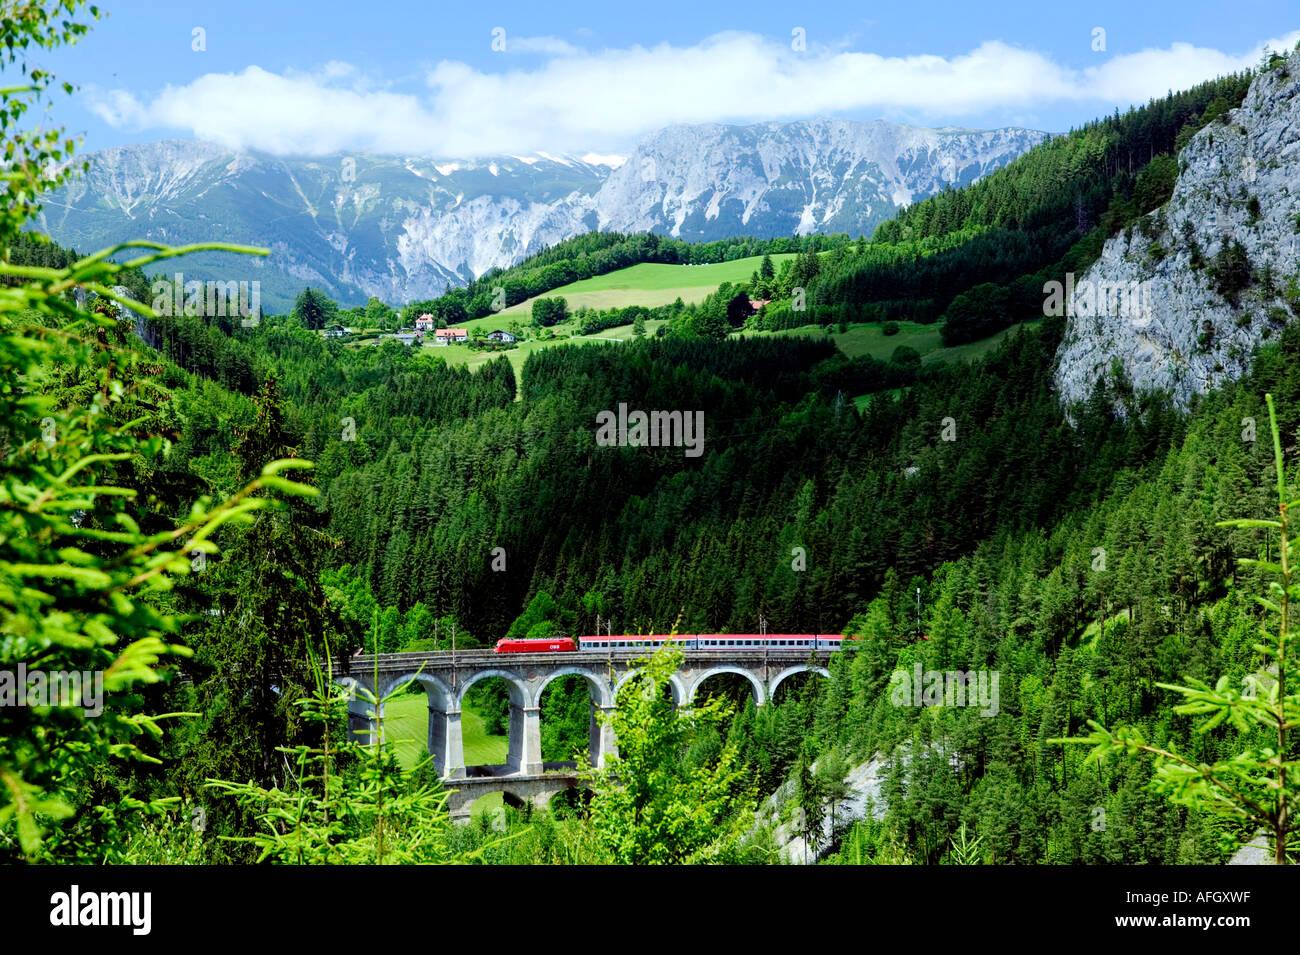 semmering-railway-AFGXWF.jpg